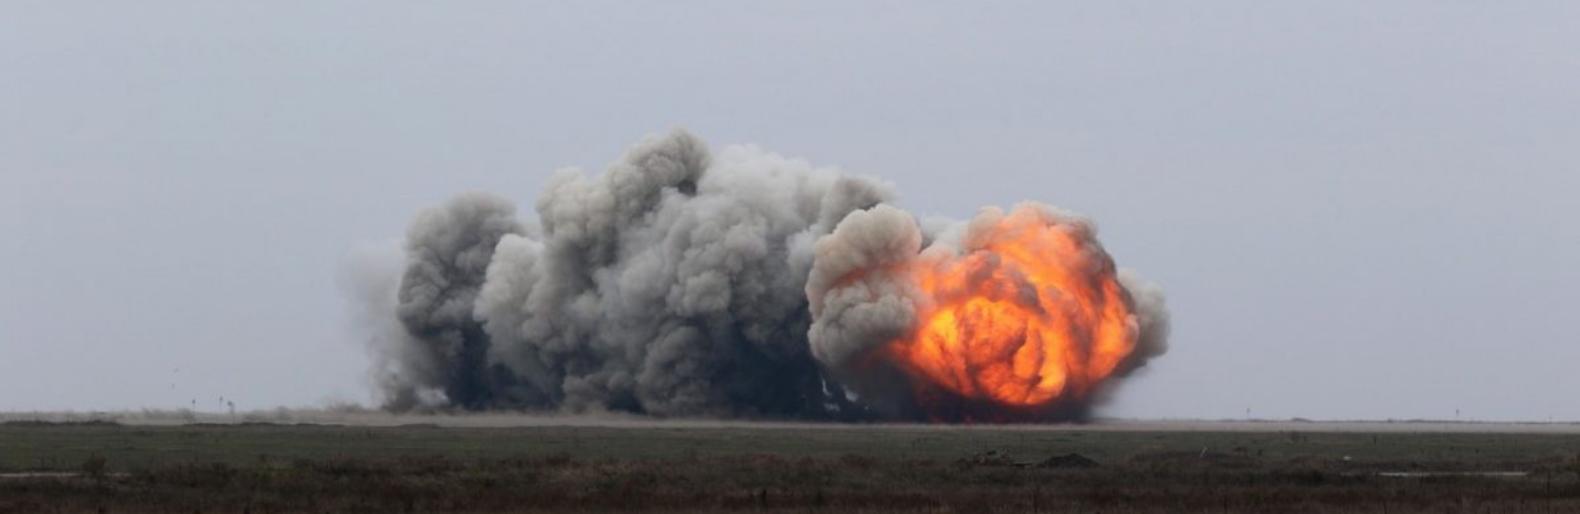 """На полигоне """"ШирЛан"""" под Николаевом в ходе учений испытали ракетные комплексы Javelin,- ФОТО"""